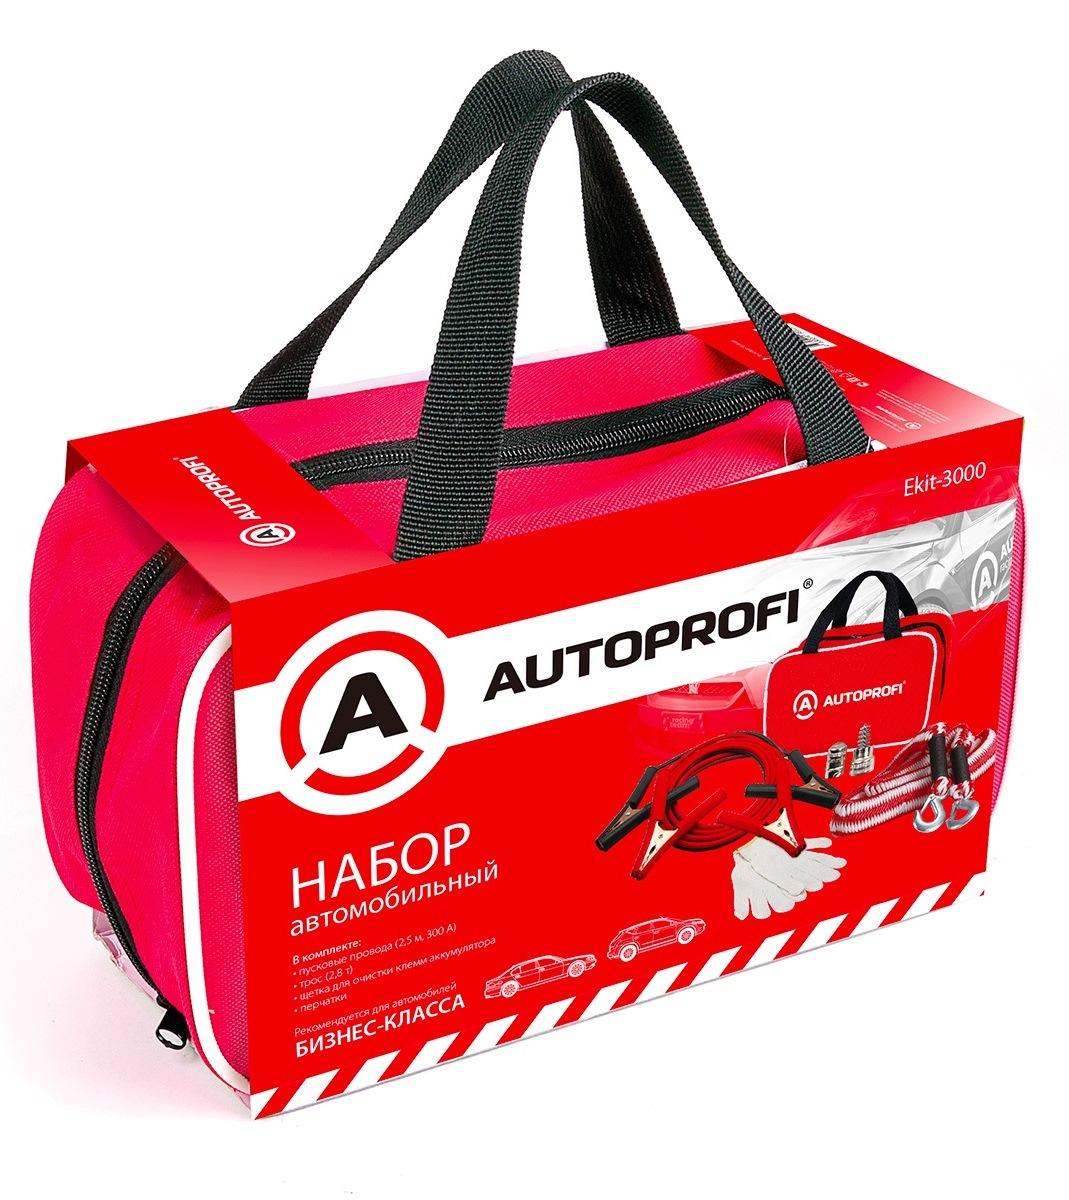 Набор Autoprofi Ekit-3000 автомобильный набор